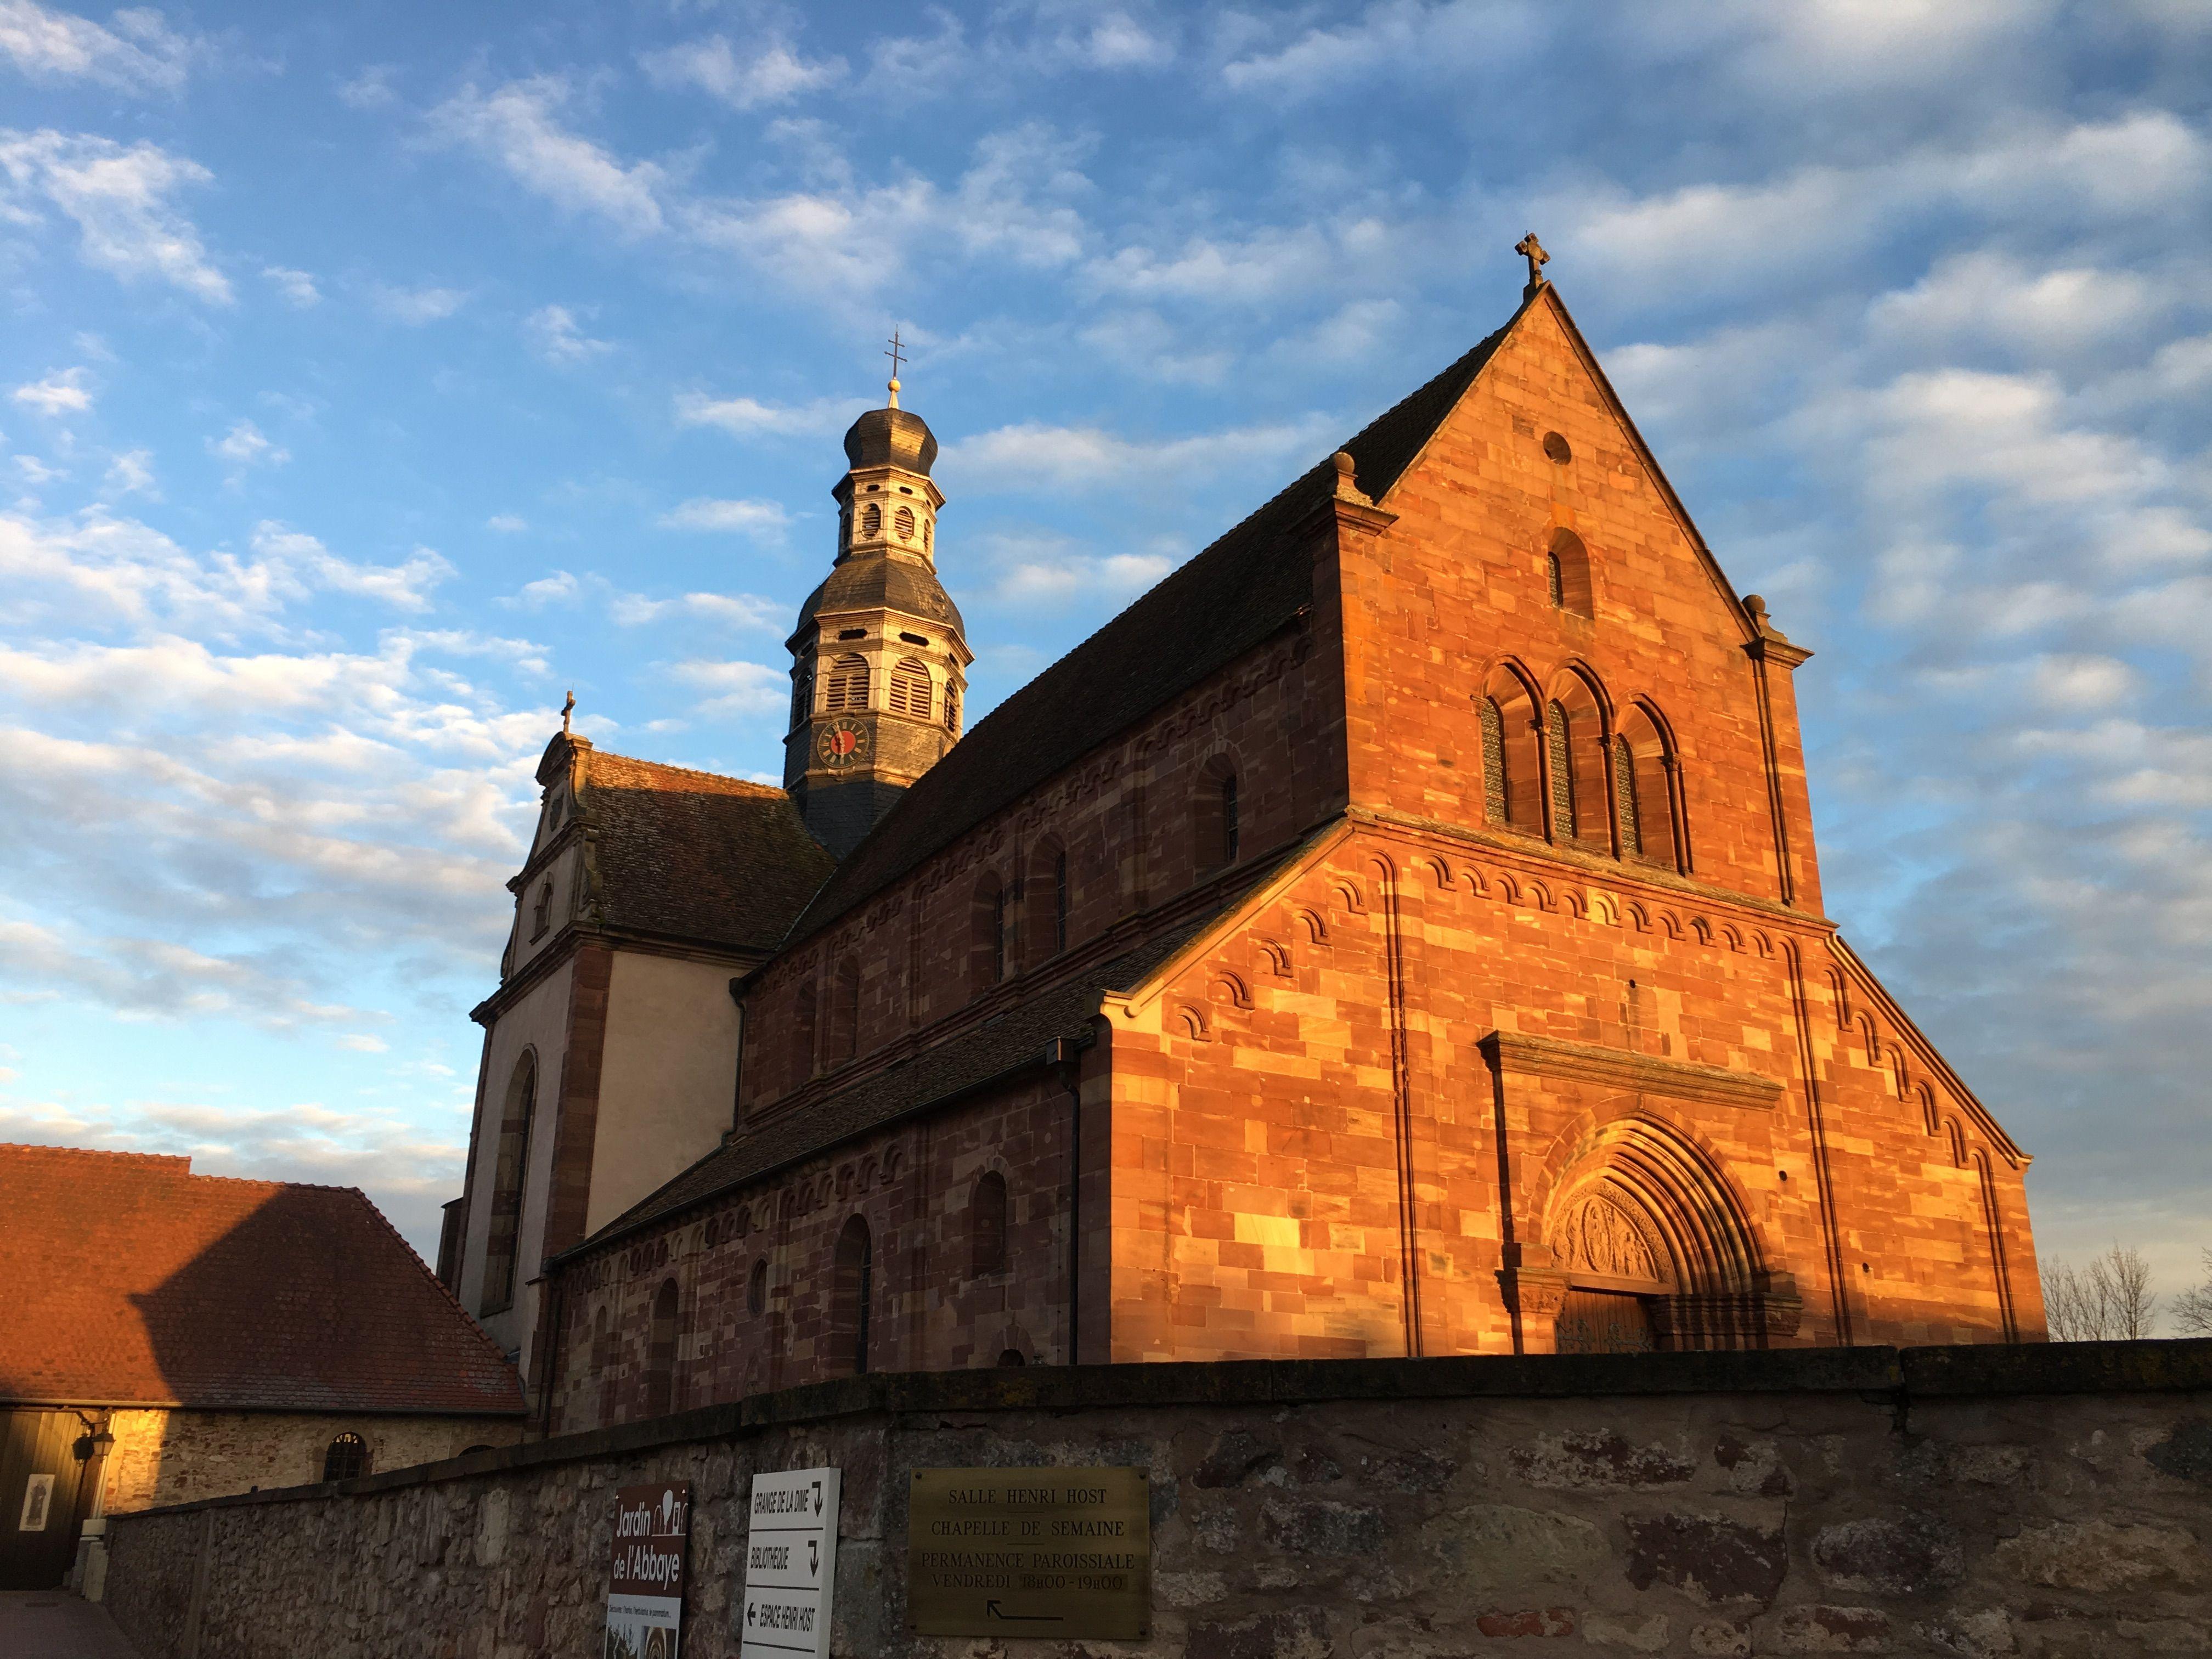 Église Saint Cyriaque et puits d'Altorf